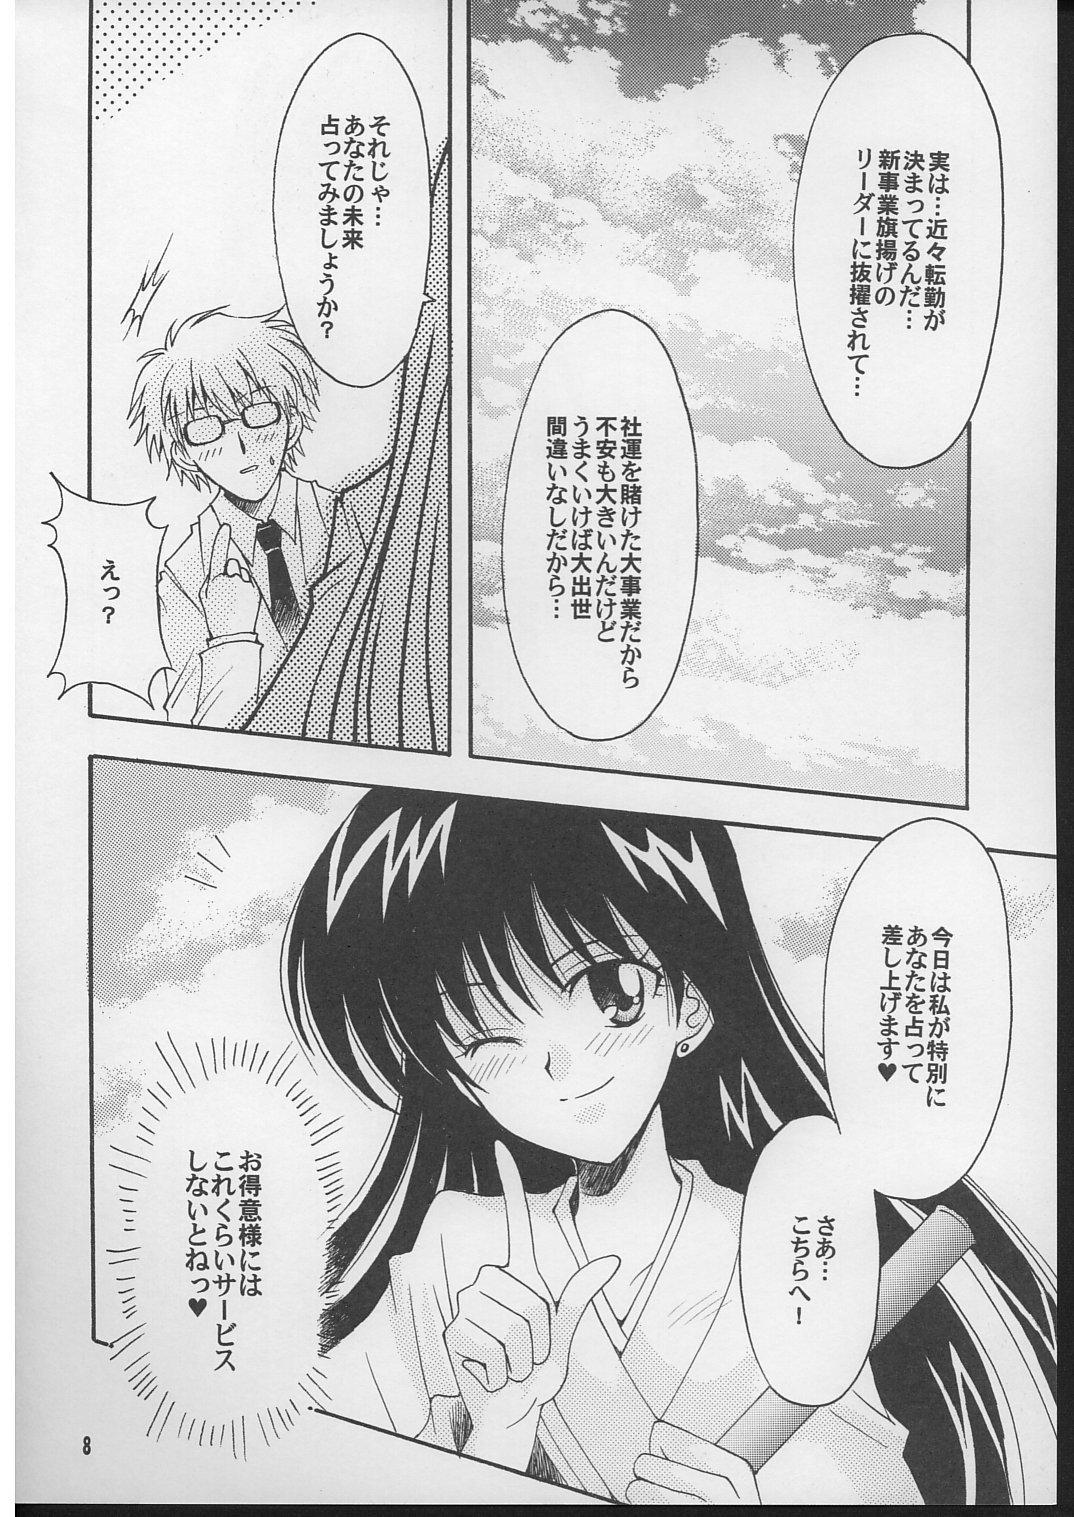 Boku no kanojyo wa Sailor Senshi 2 6